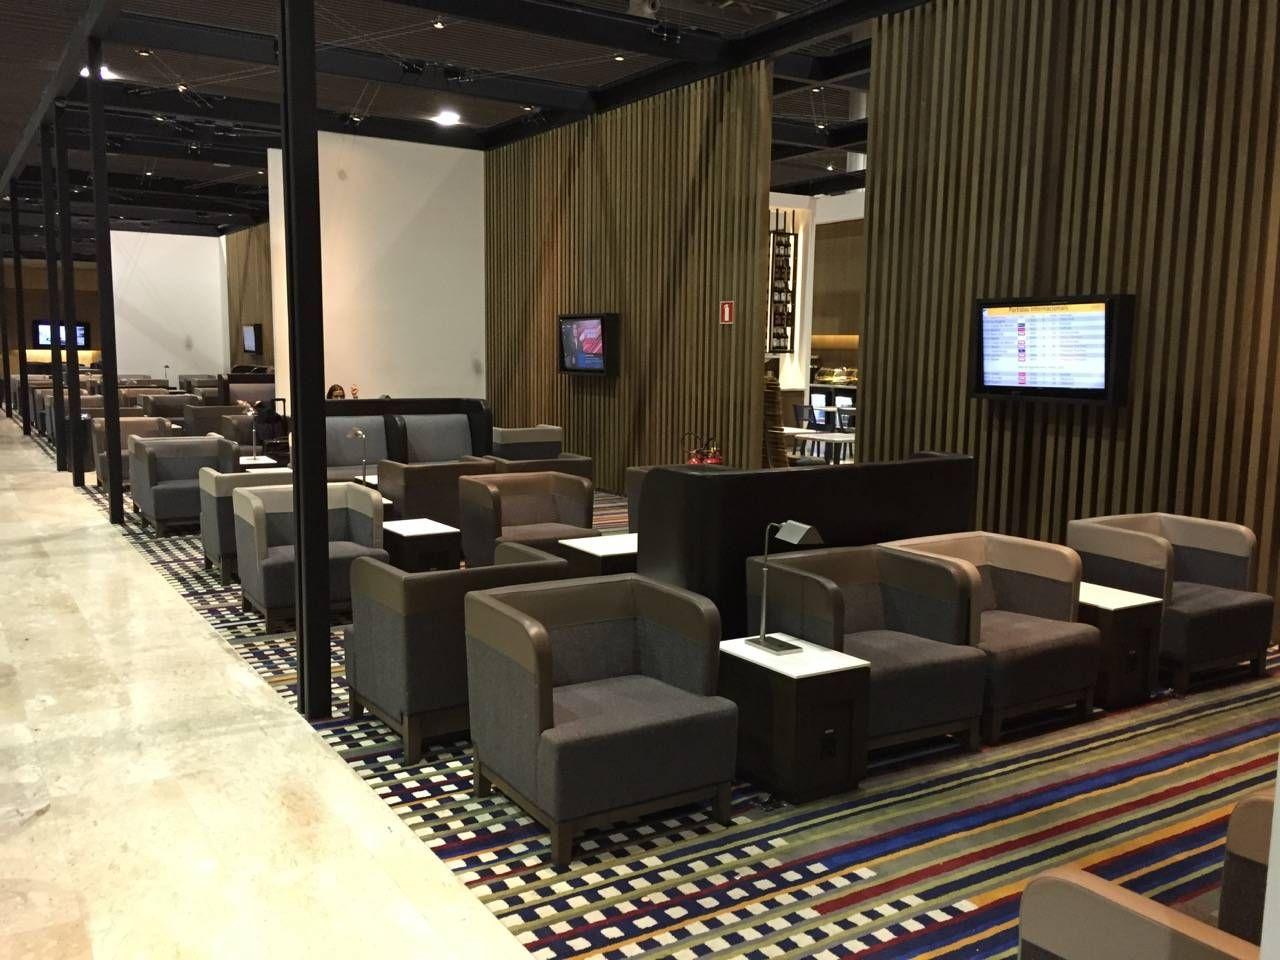 sala vip latam aeroporto de guarulhos gru terminal 3 passageiro de primeira. Black Bedroom Furniture Sets. Home Design Ideas